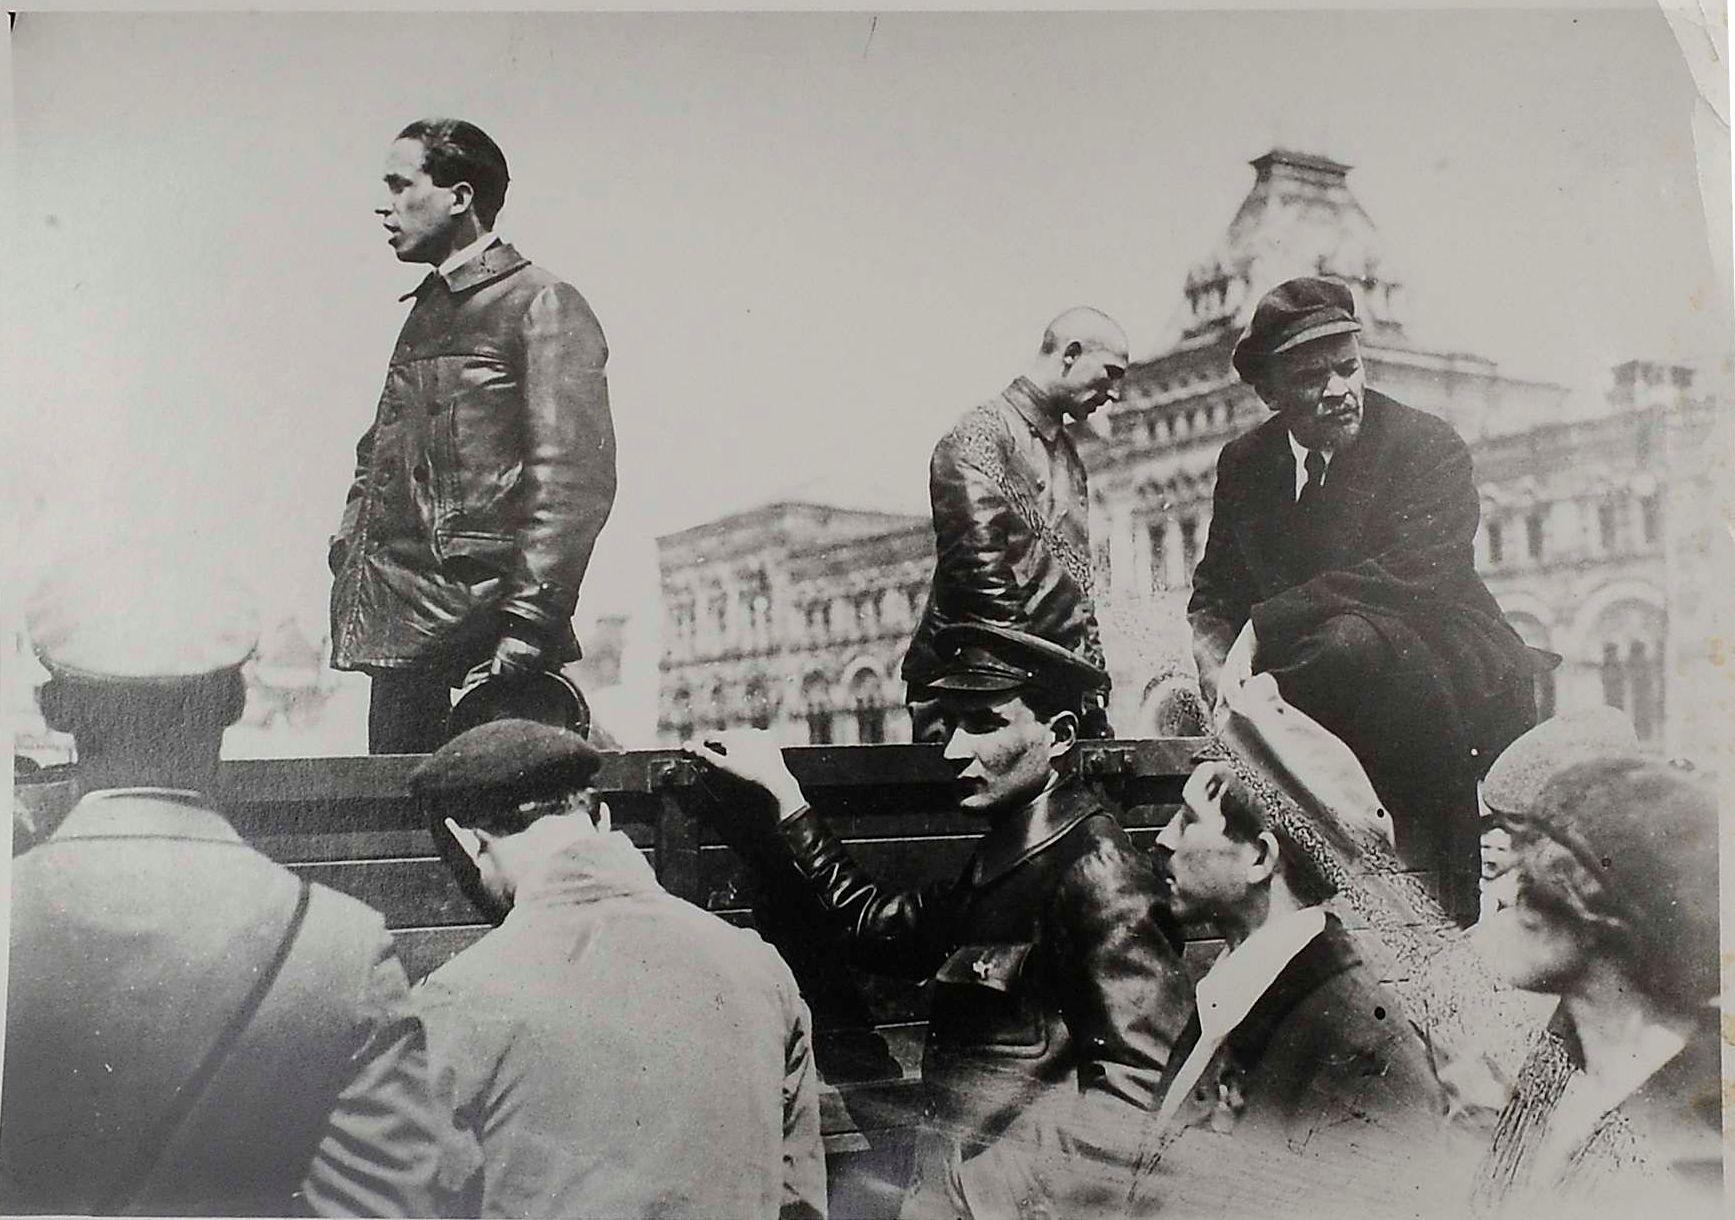 1919. Фото с председателем Совета Народных комиссаров В. И. Лениным перед выступлением во время парада частей Всевобуча на Красной площади в Москве 25 мая